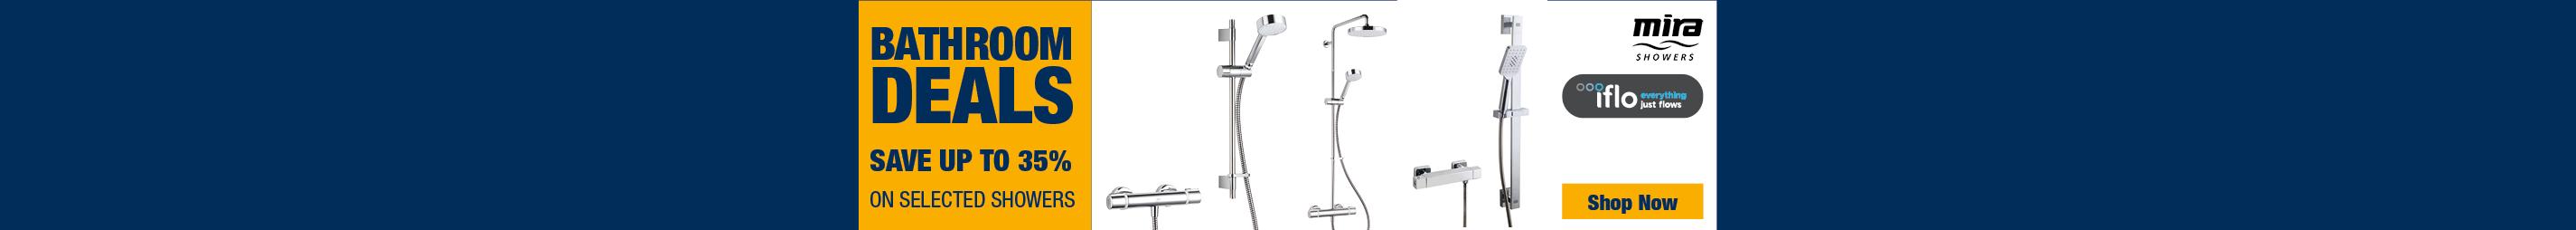 Amazing Showers & Bathroom Deals